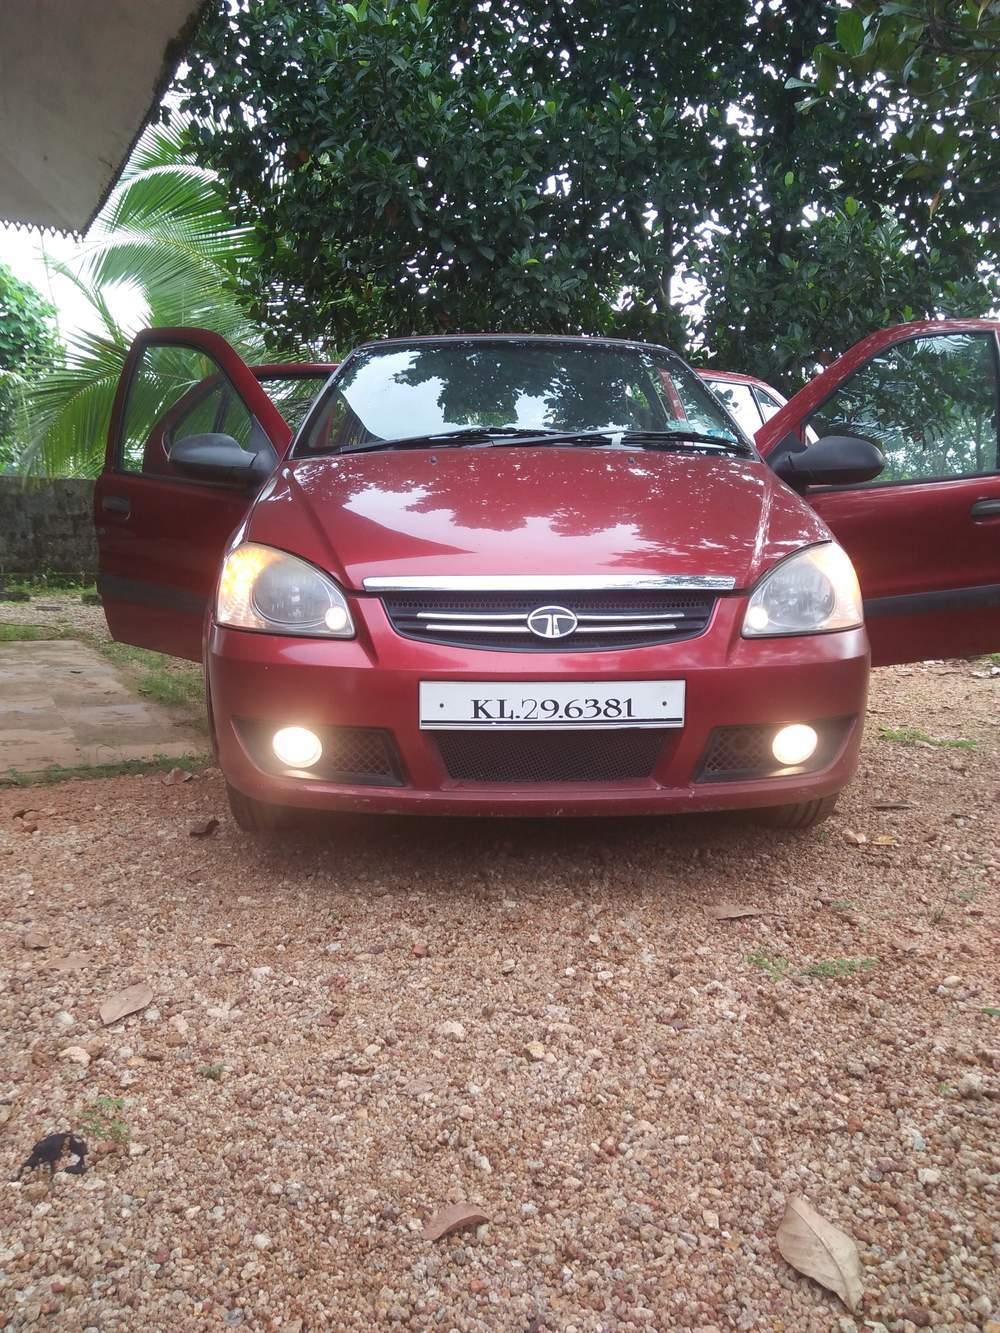 Tata Indica V2 Turbo Front Left Rim